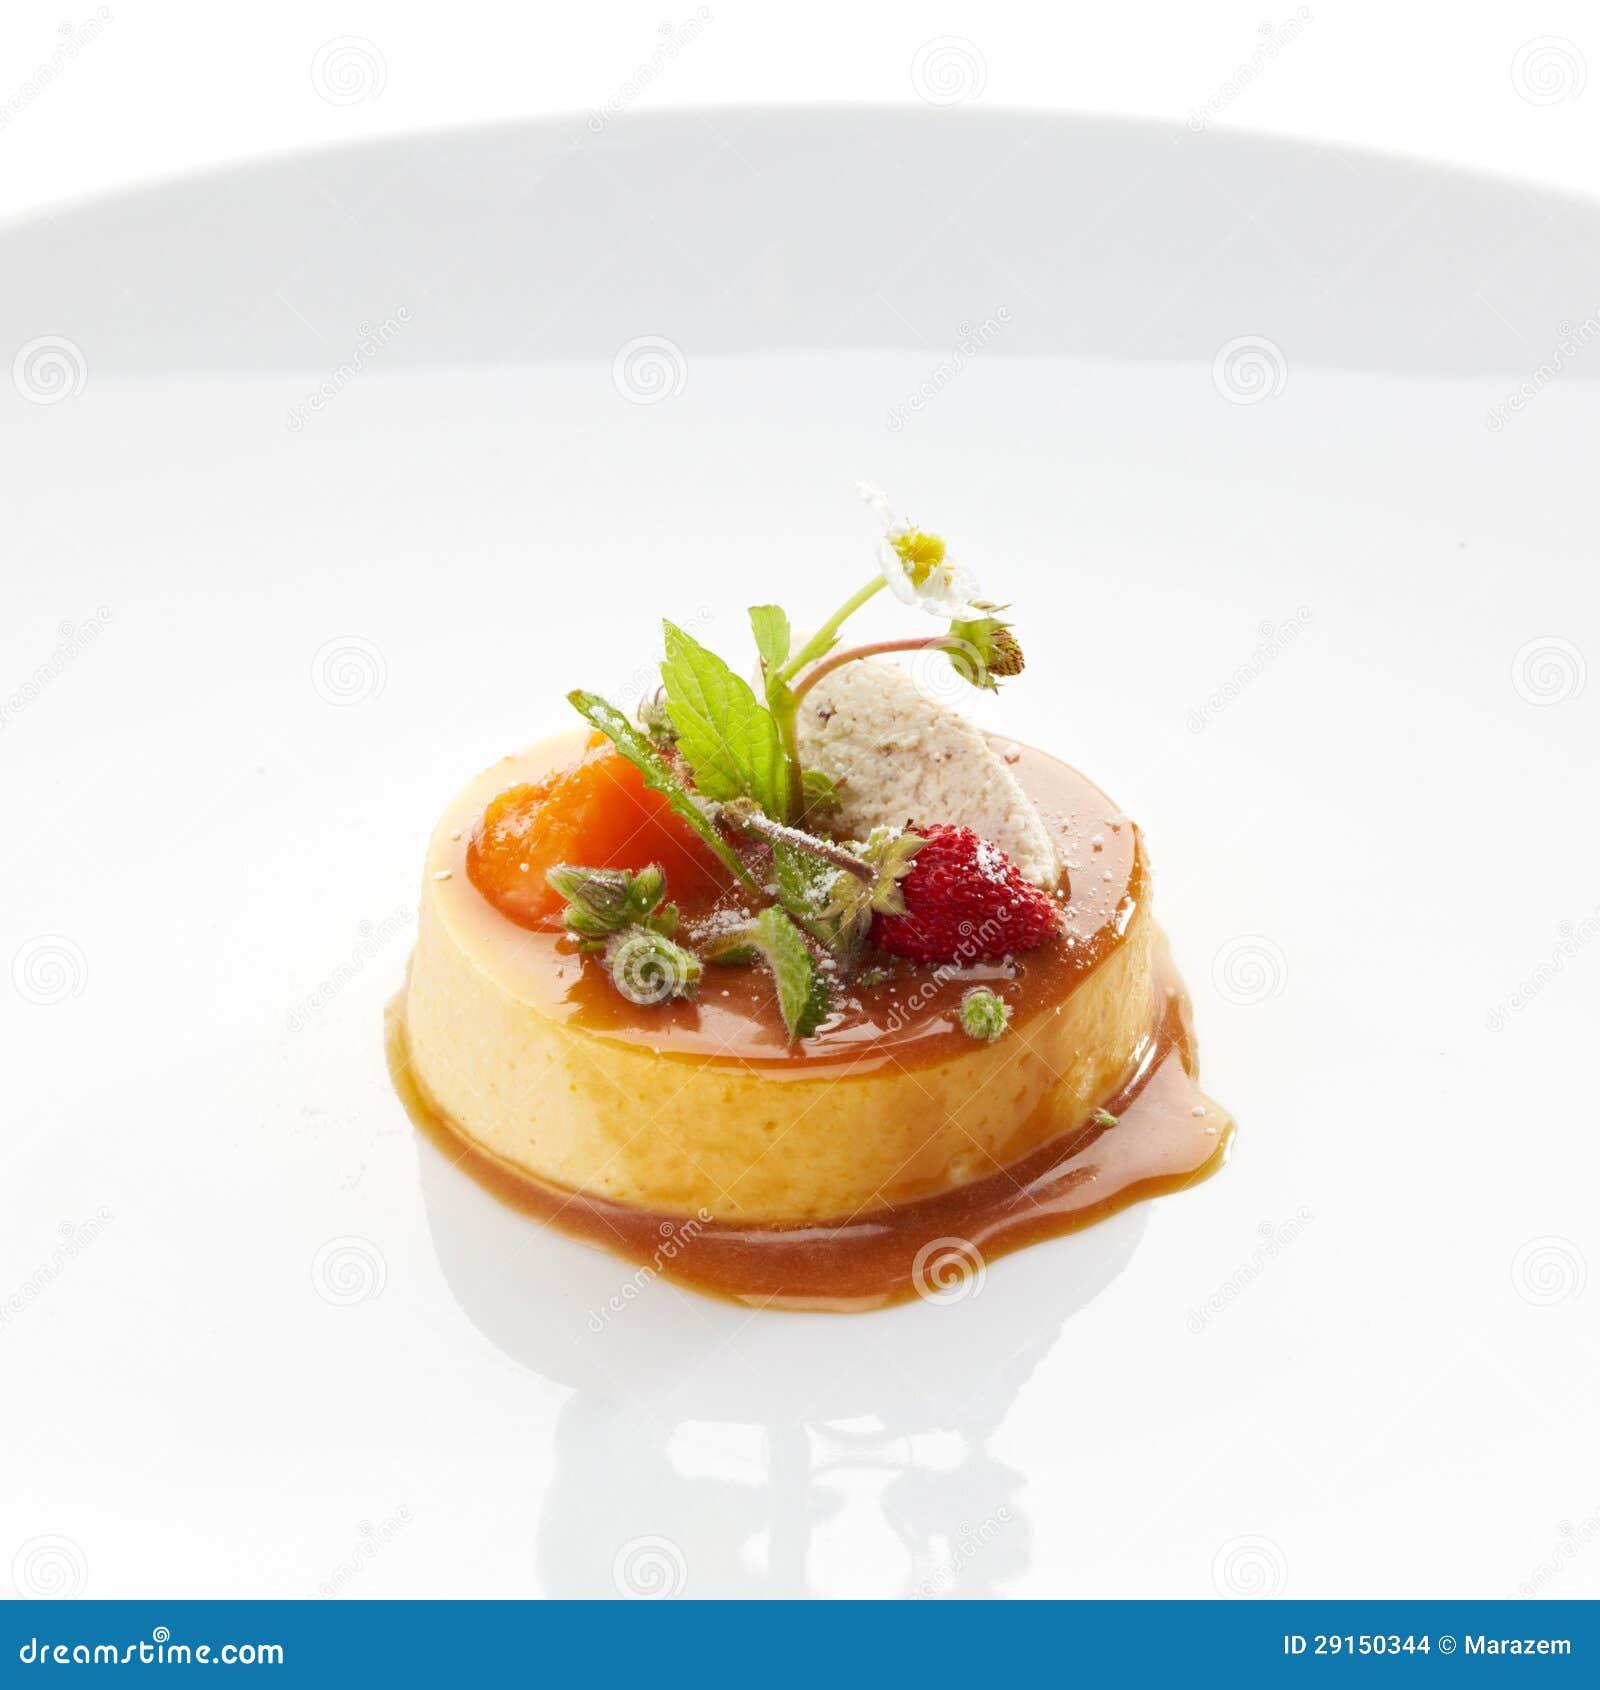 Modern cuisine stock images image 29150344 for Moderna cuisine